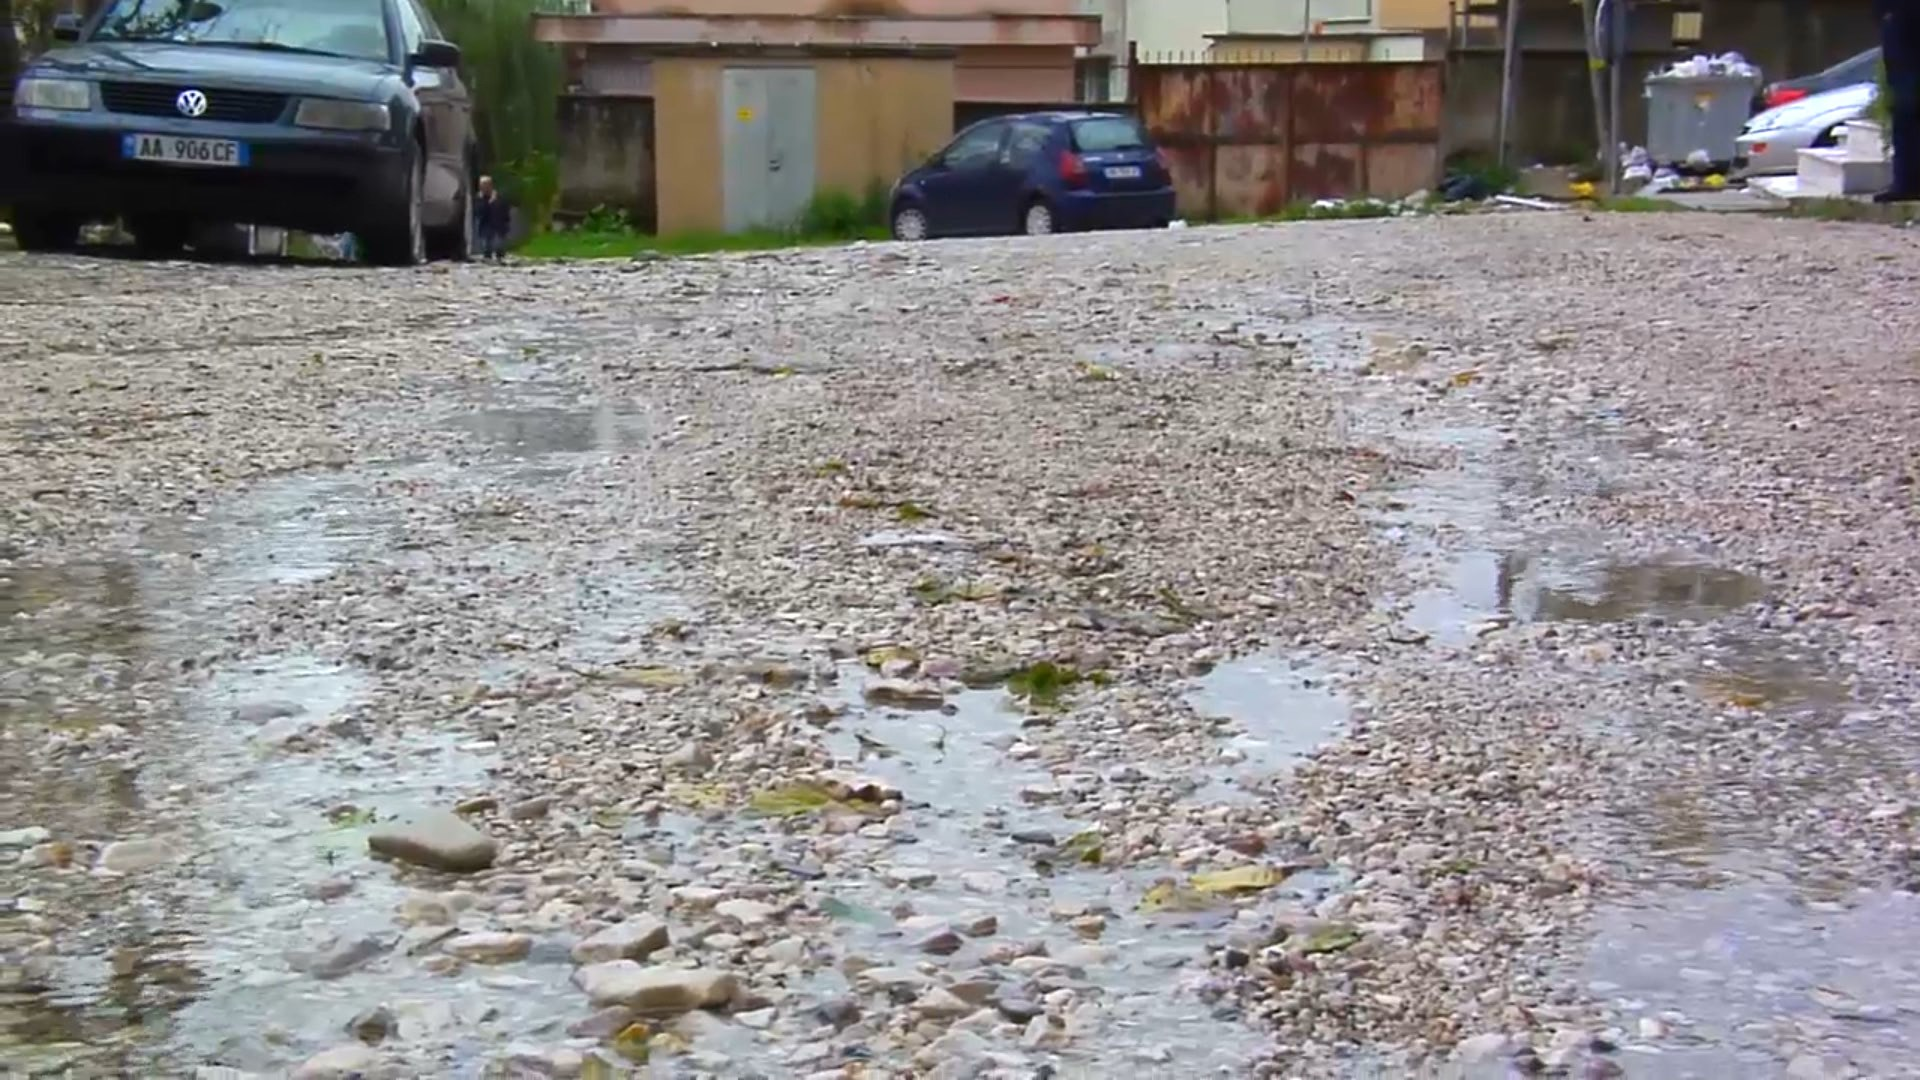 Probleme me reshjet në Gjirokastër, banorët apel Bashkisë: Ktheni sytë nga komuniteti